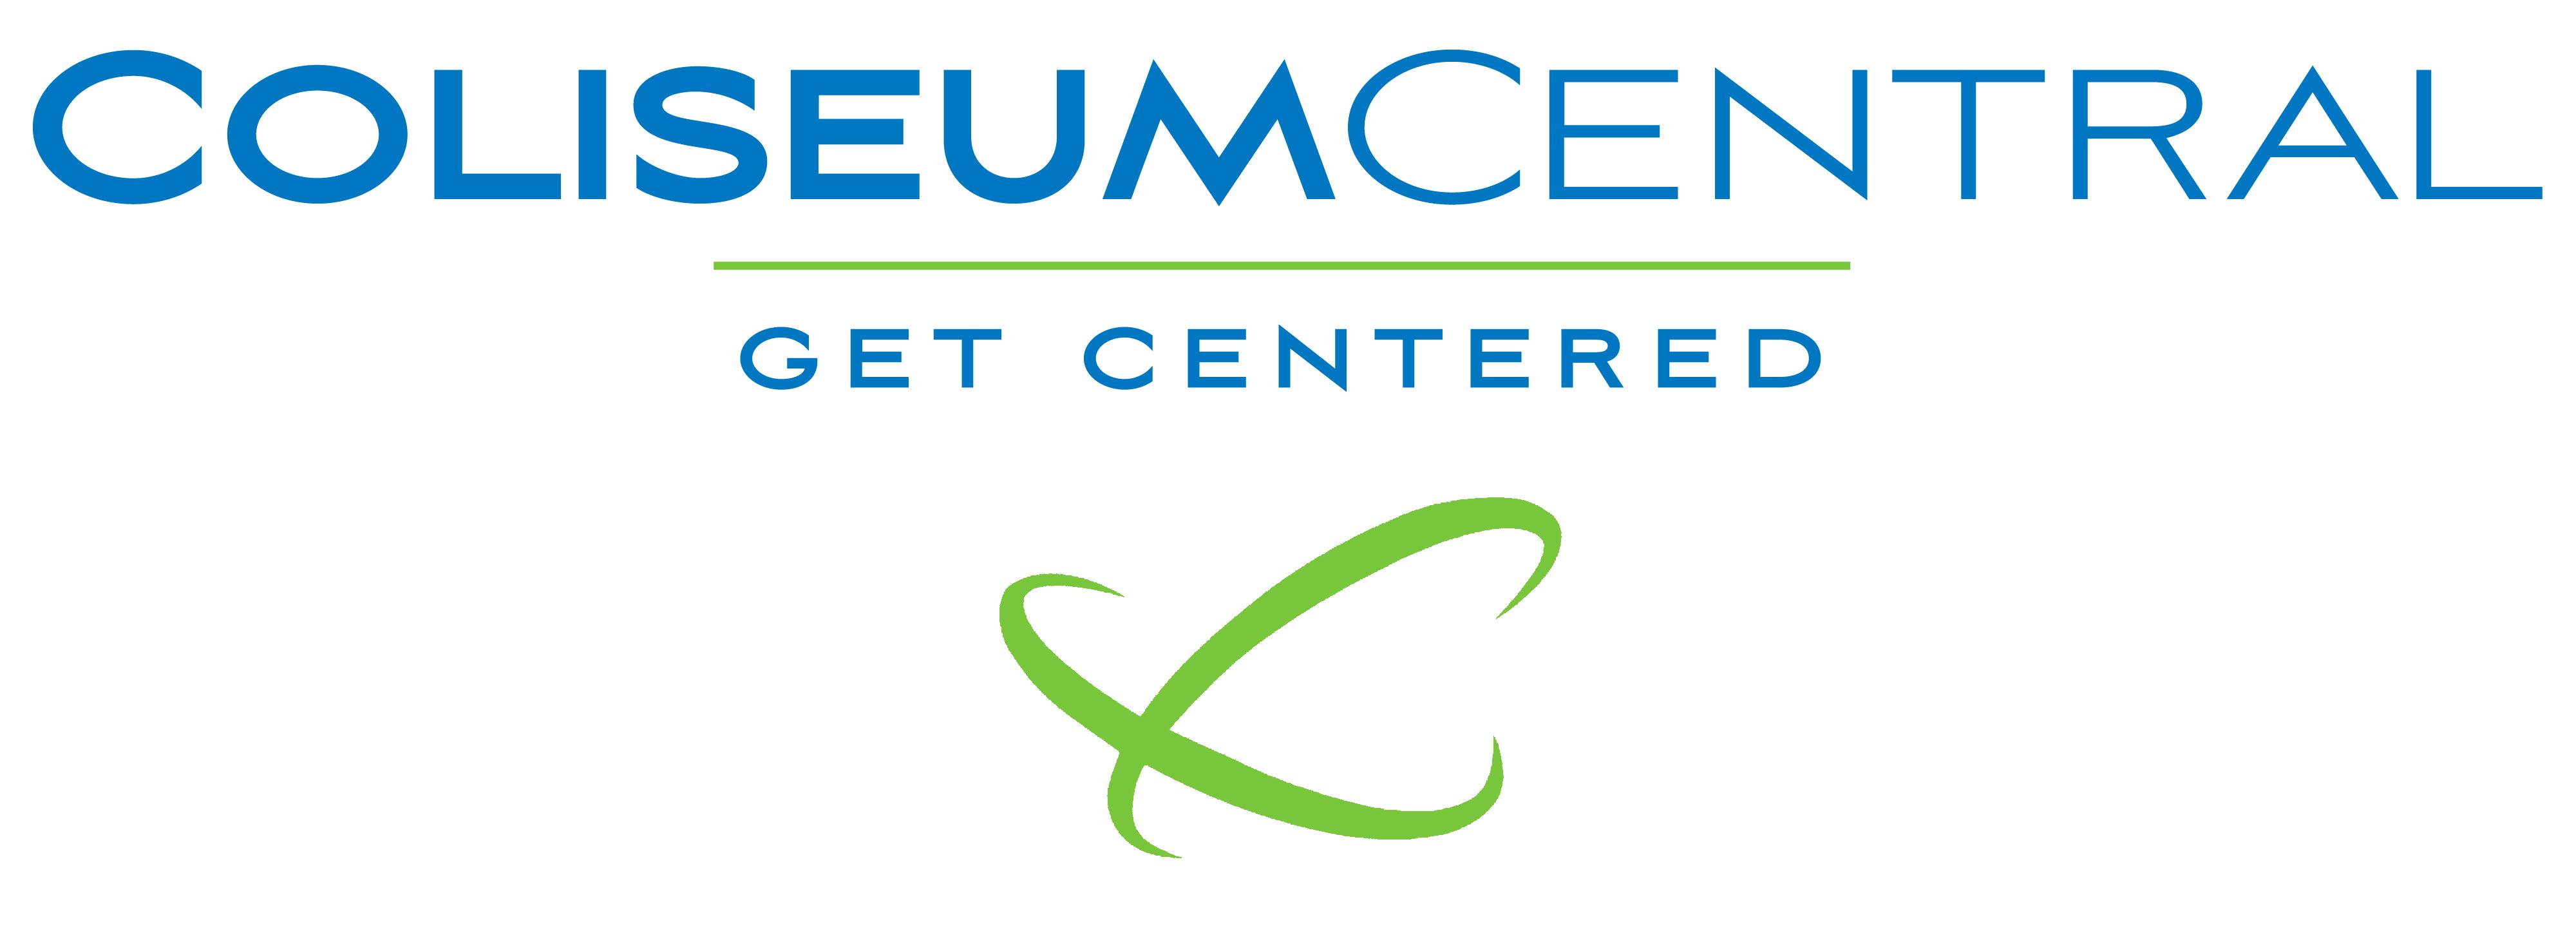 Explore Coliseum Central Logo